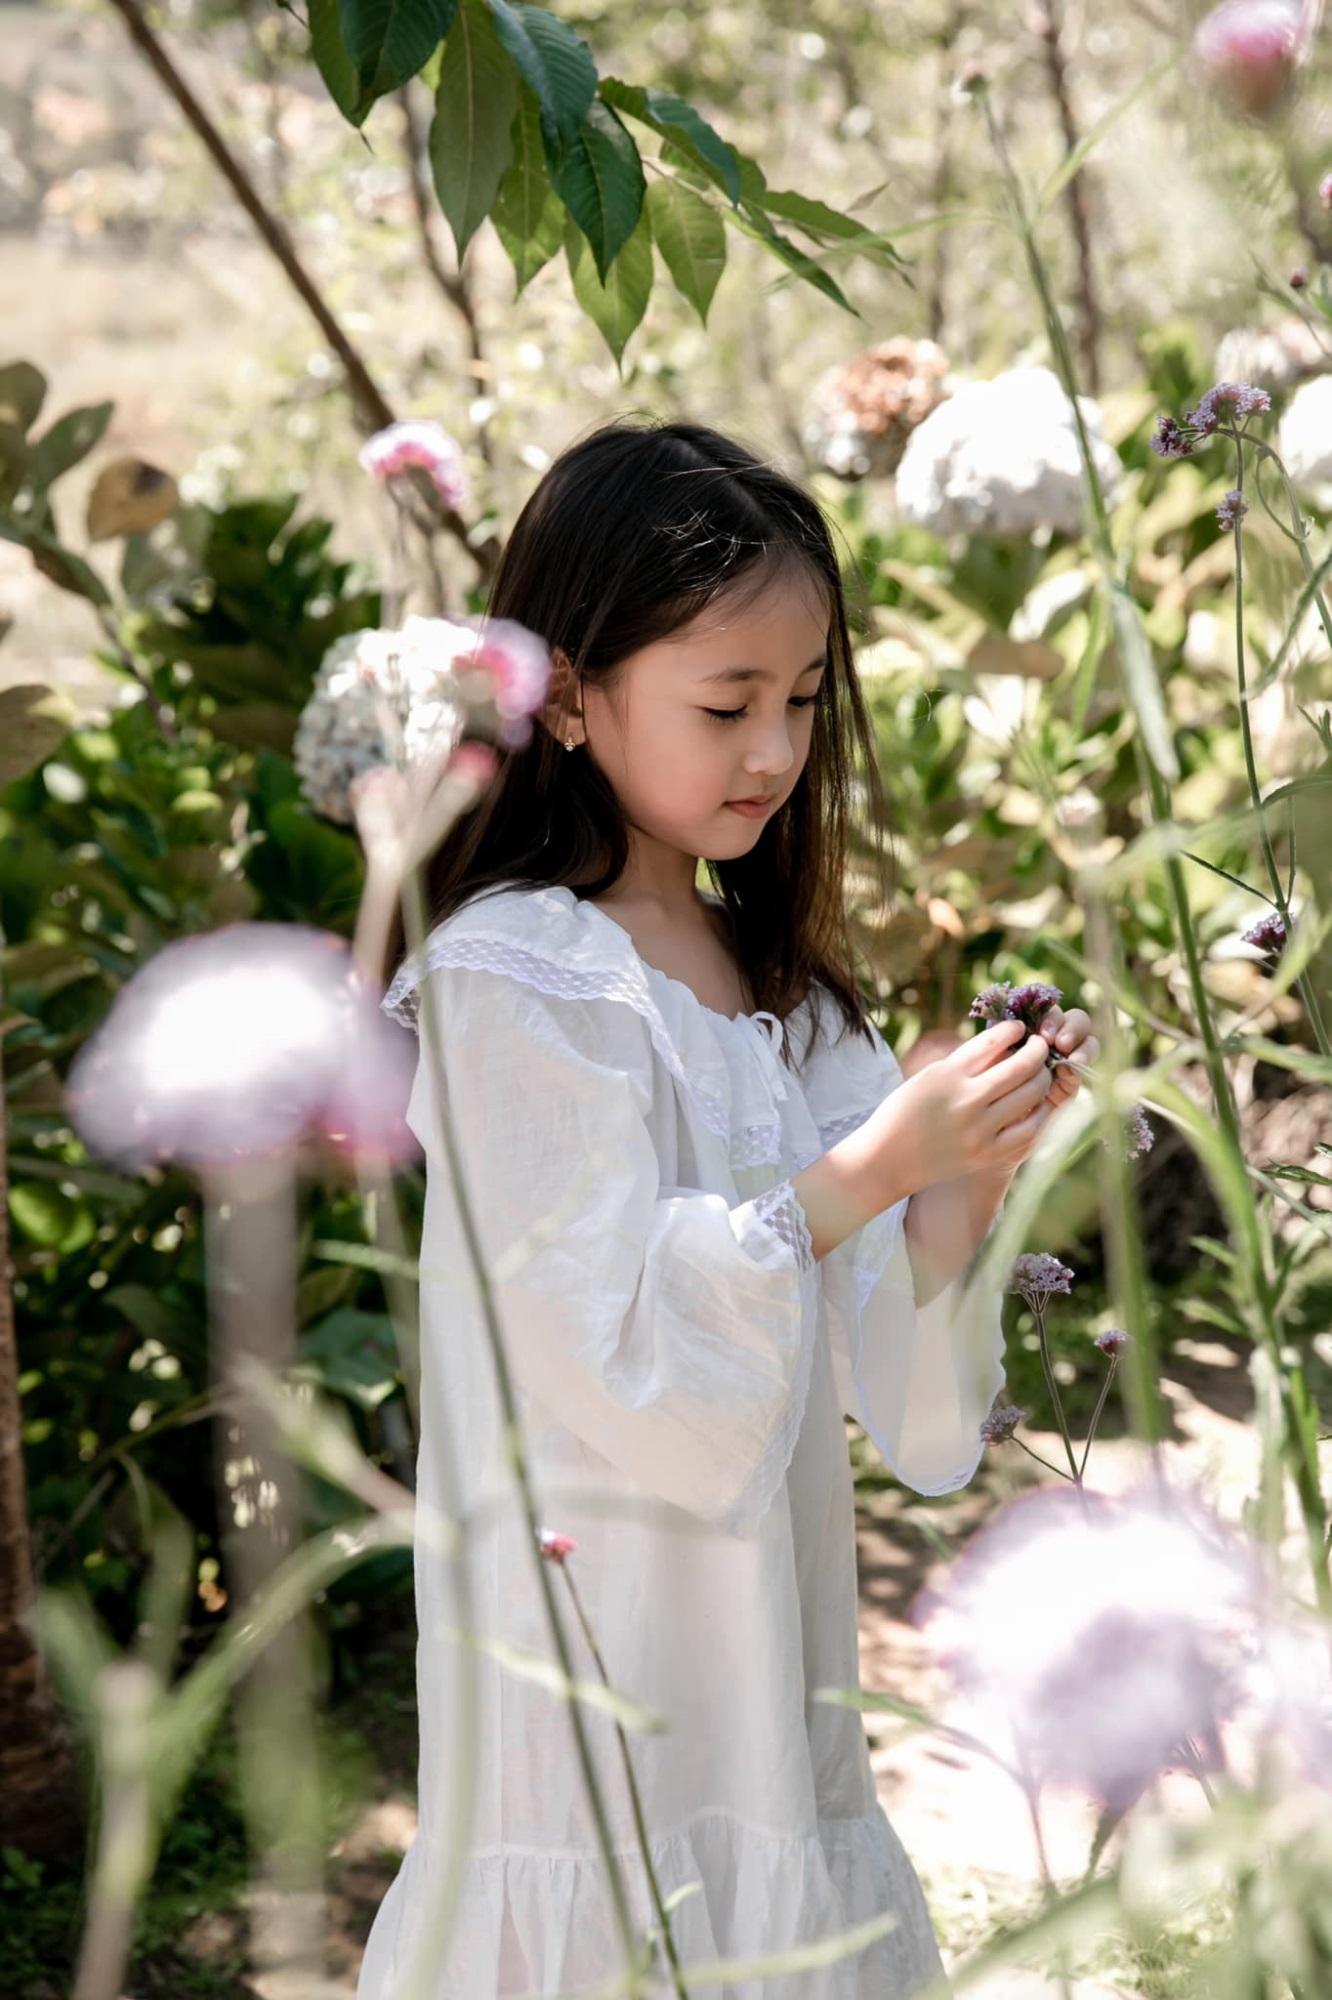 """Không hổ danh con gái Hoa hậu, công chúa nhỏ của Hà Kiều Anh sở hữu """"gen đẹp"""" của mẹ, càng lớn càng lộ khí chất đại mỹ nhân - Ảnh 1"""